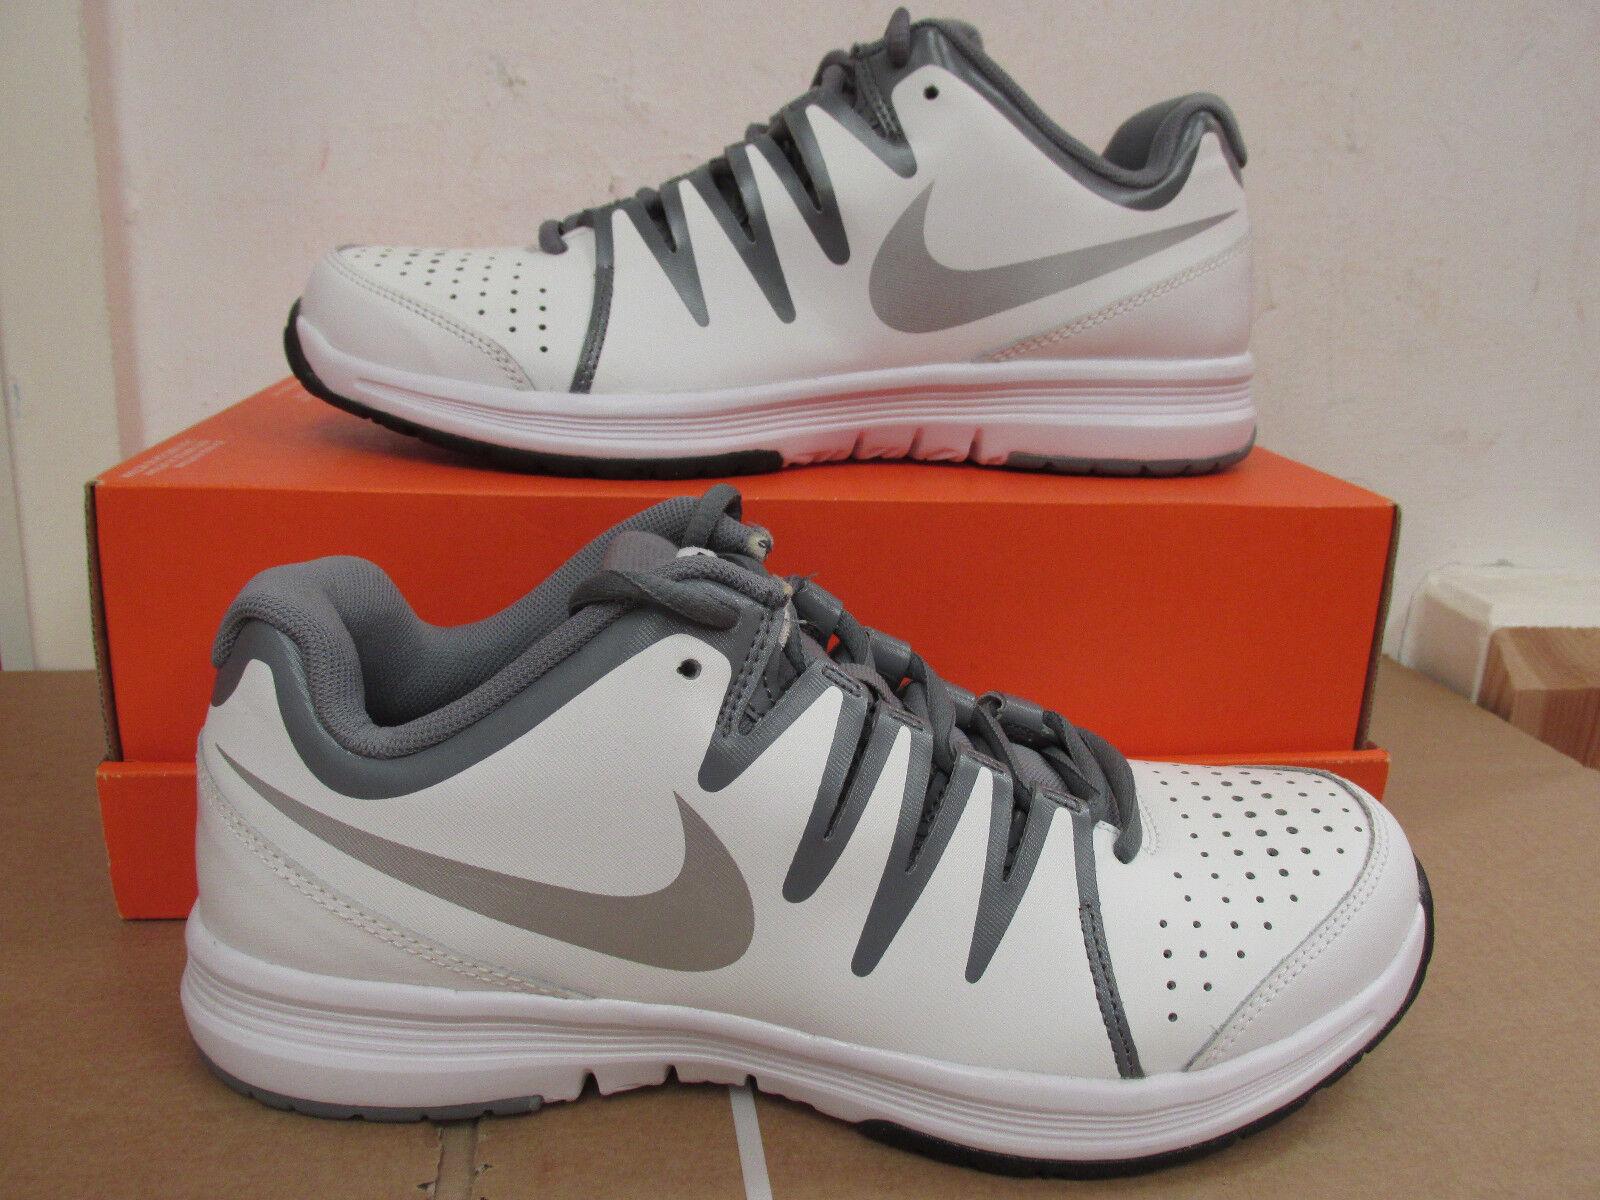 Nike Vapor de Salón Mujer Tenis Zapatos 631713 100 Zapatillas Liquidación best-selling model of the brand